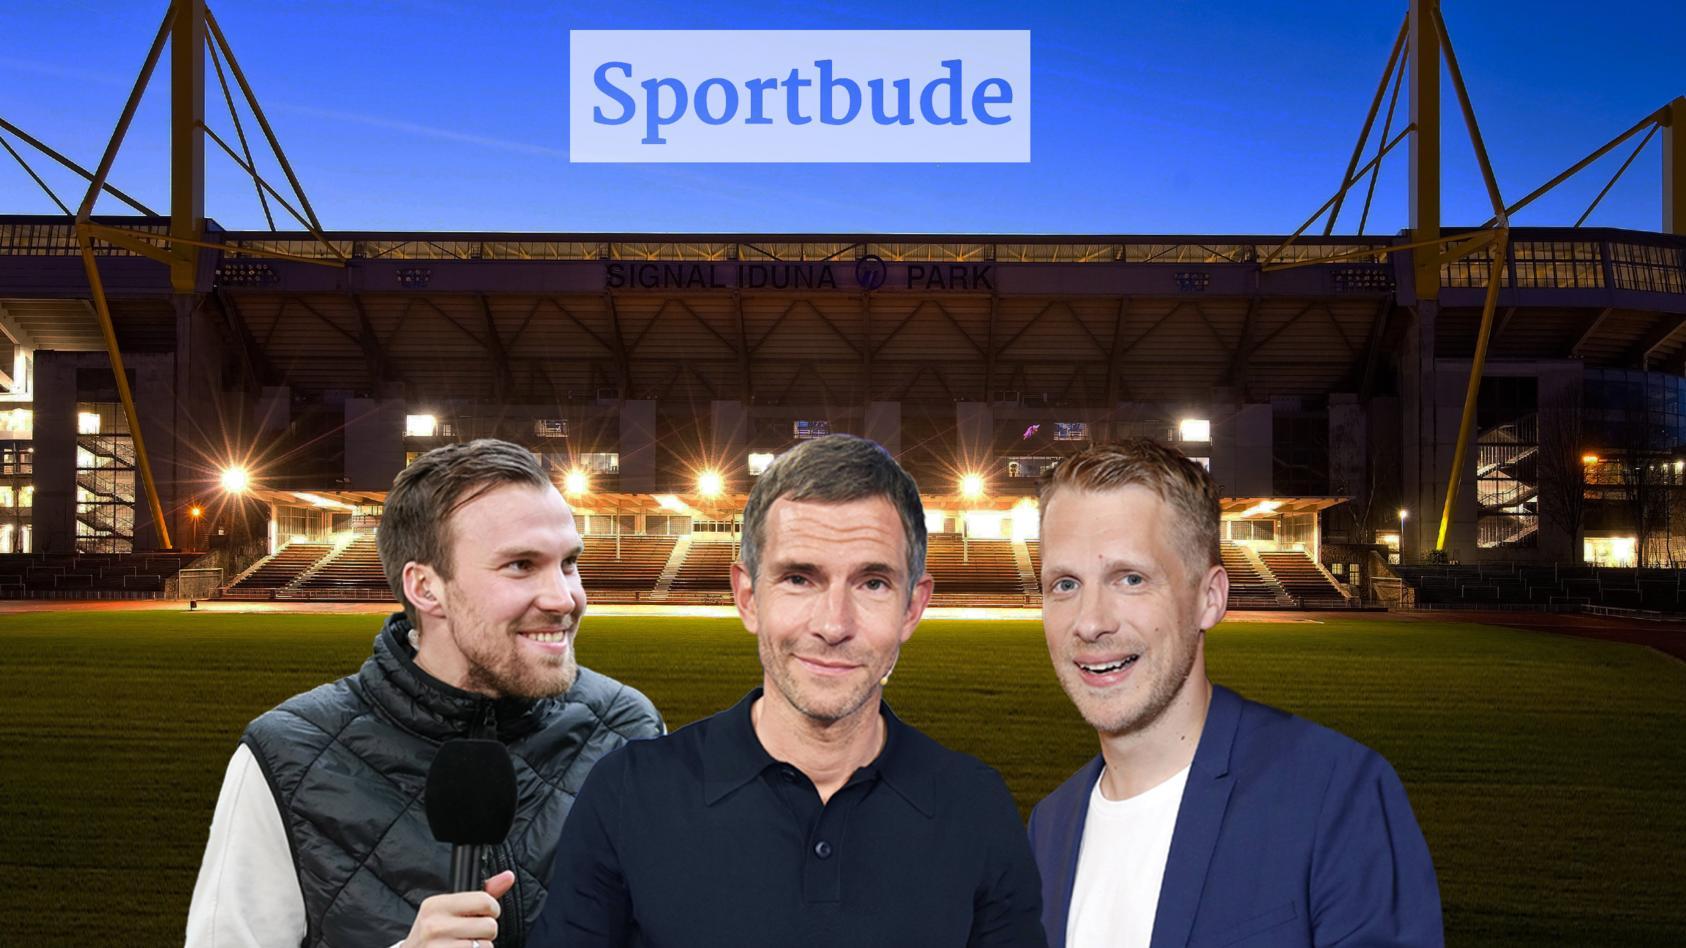 """Zu Gast in der """"Sportbude"""": Kevin Großkreutz, Micky Beisenherz und Oliver Pocher (v.li.)."""